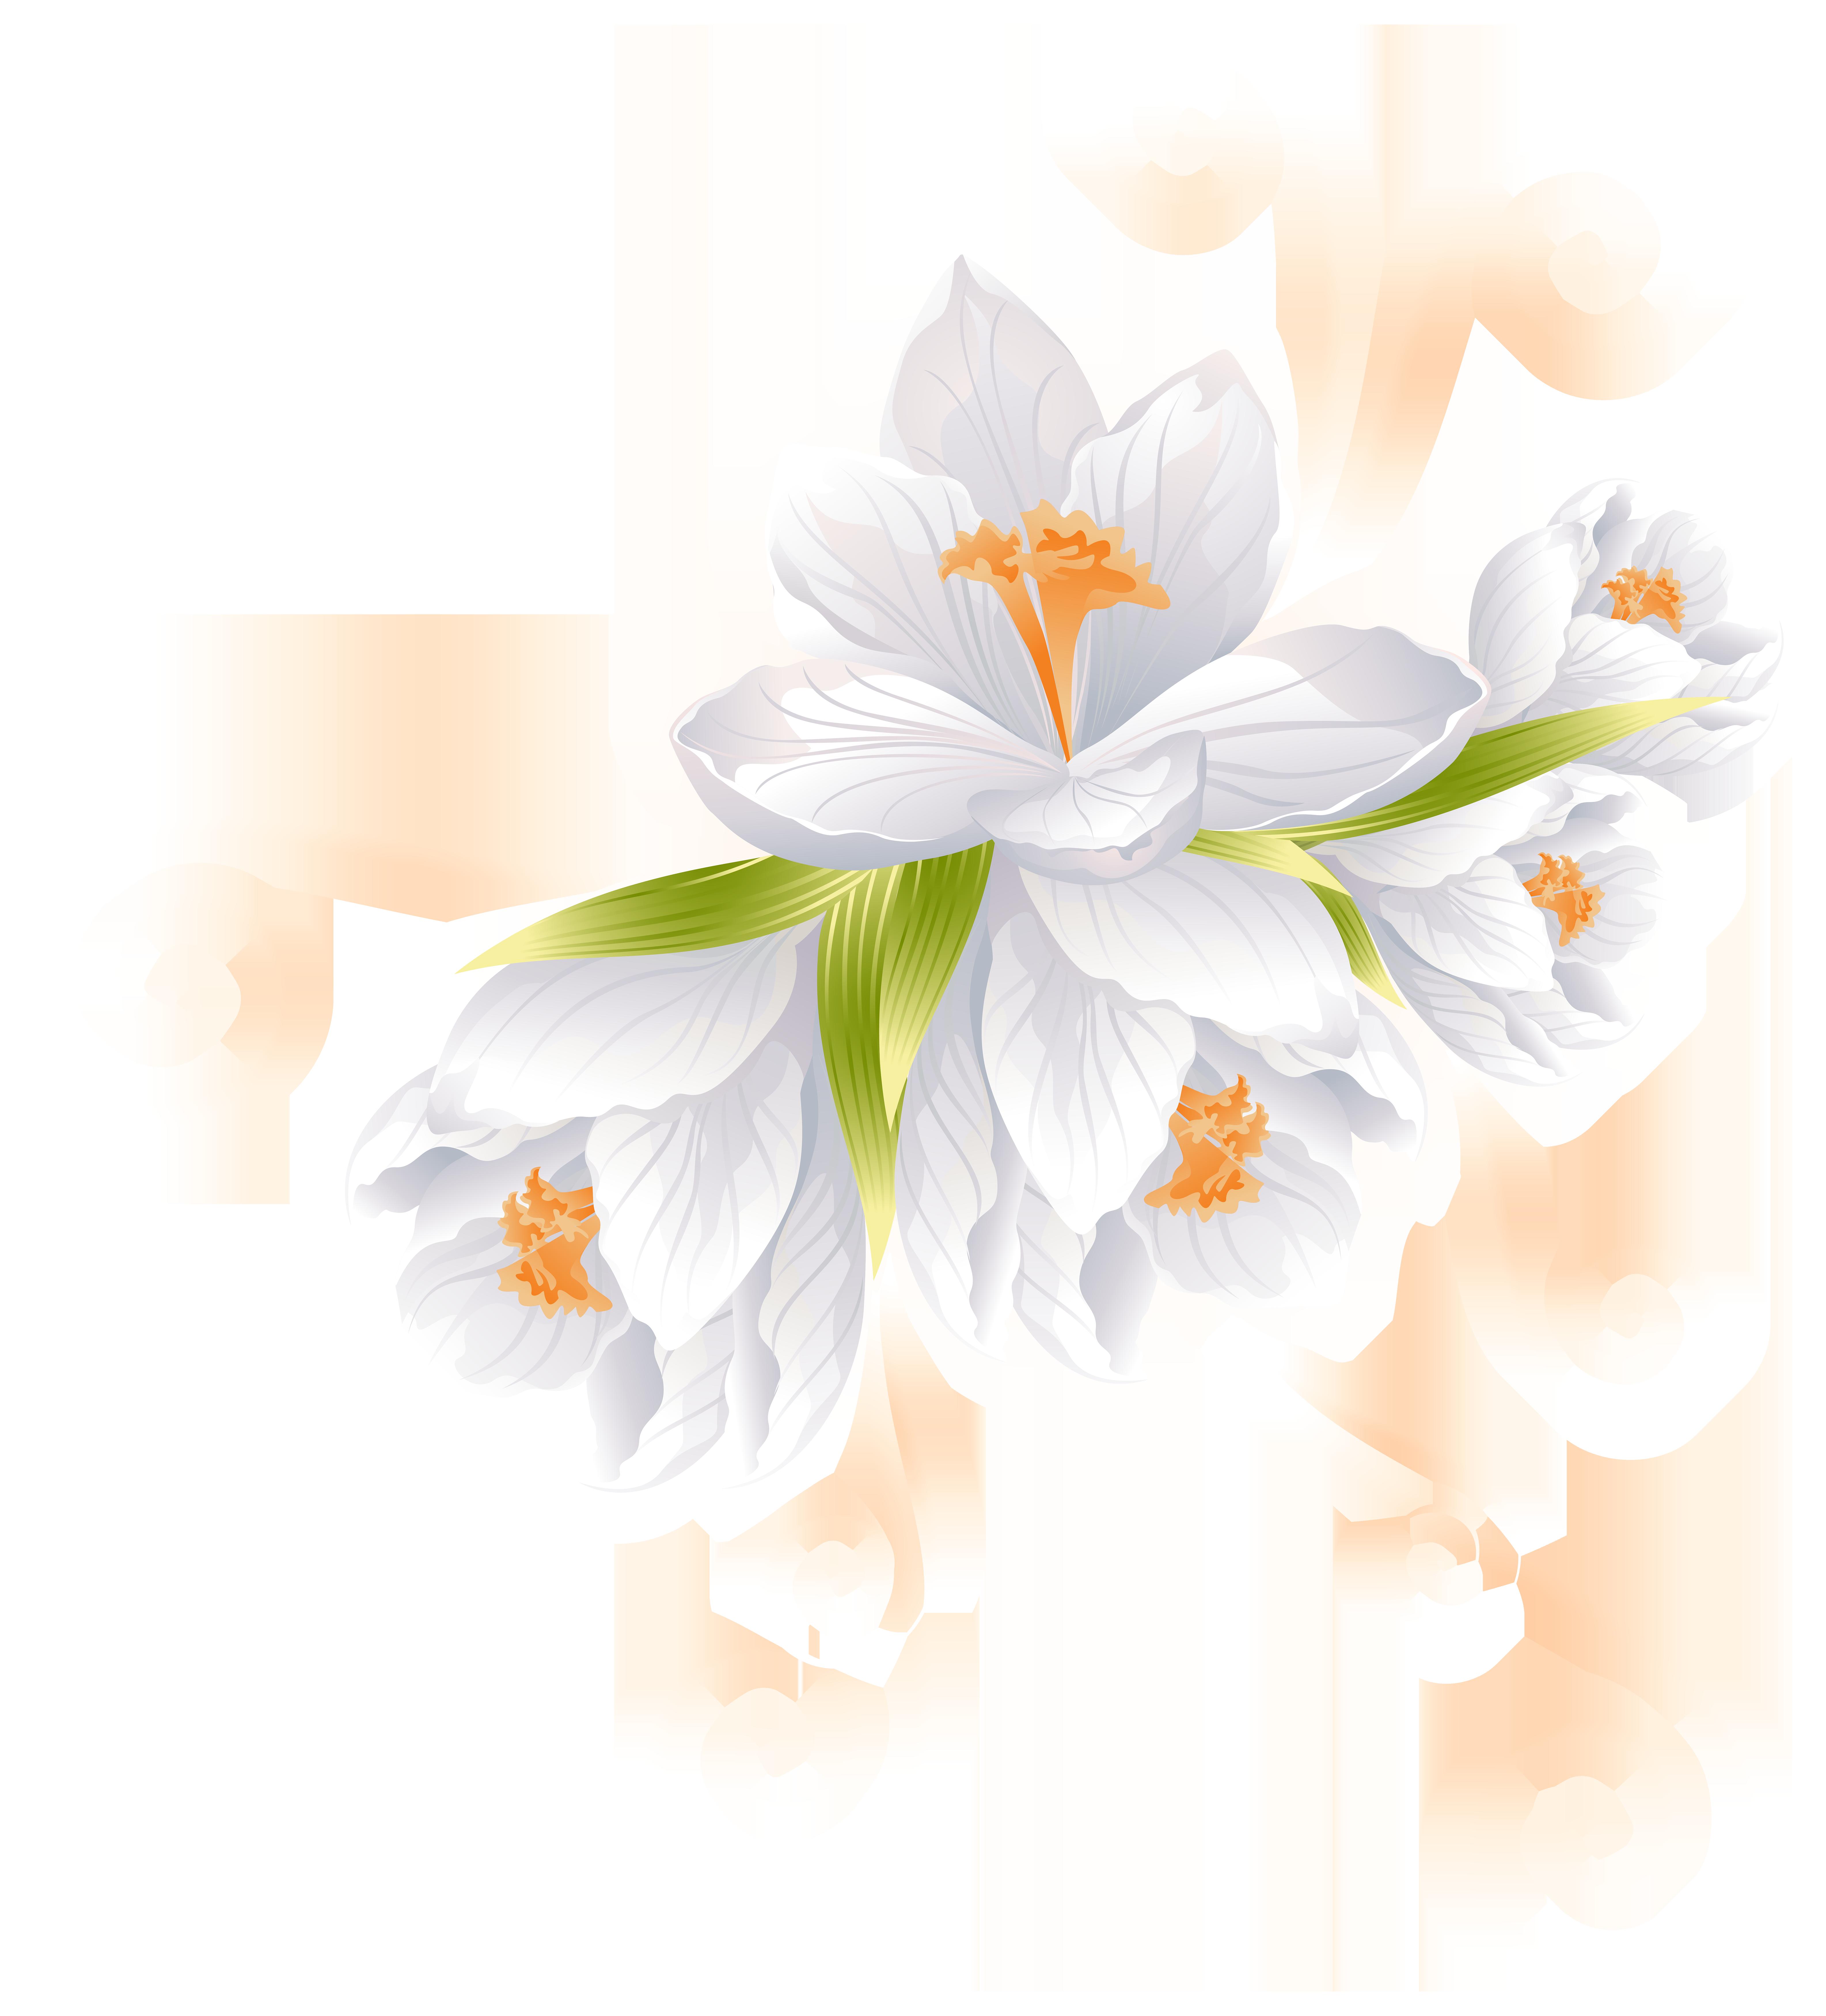 White Flower Decor Transparent PNG Clip Art Image.